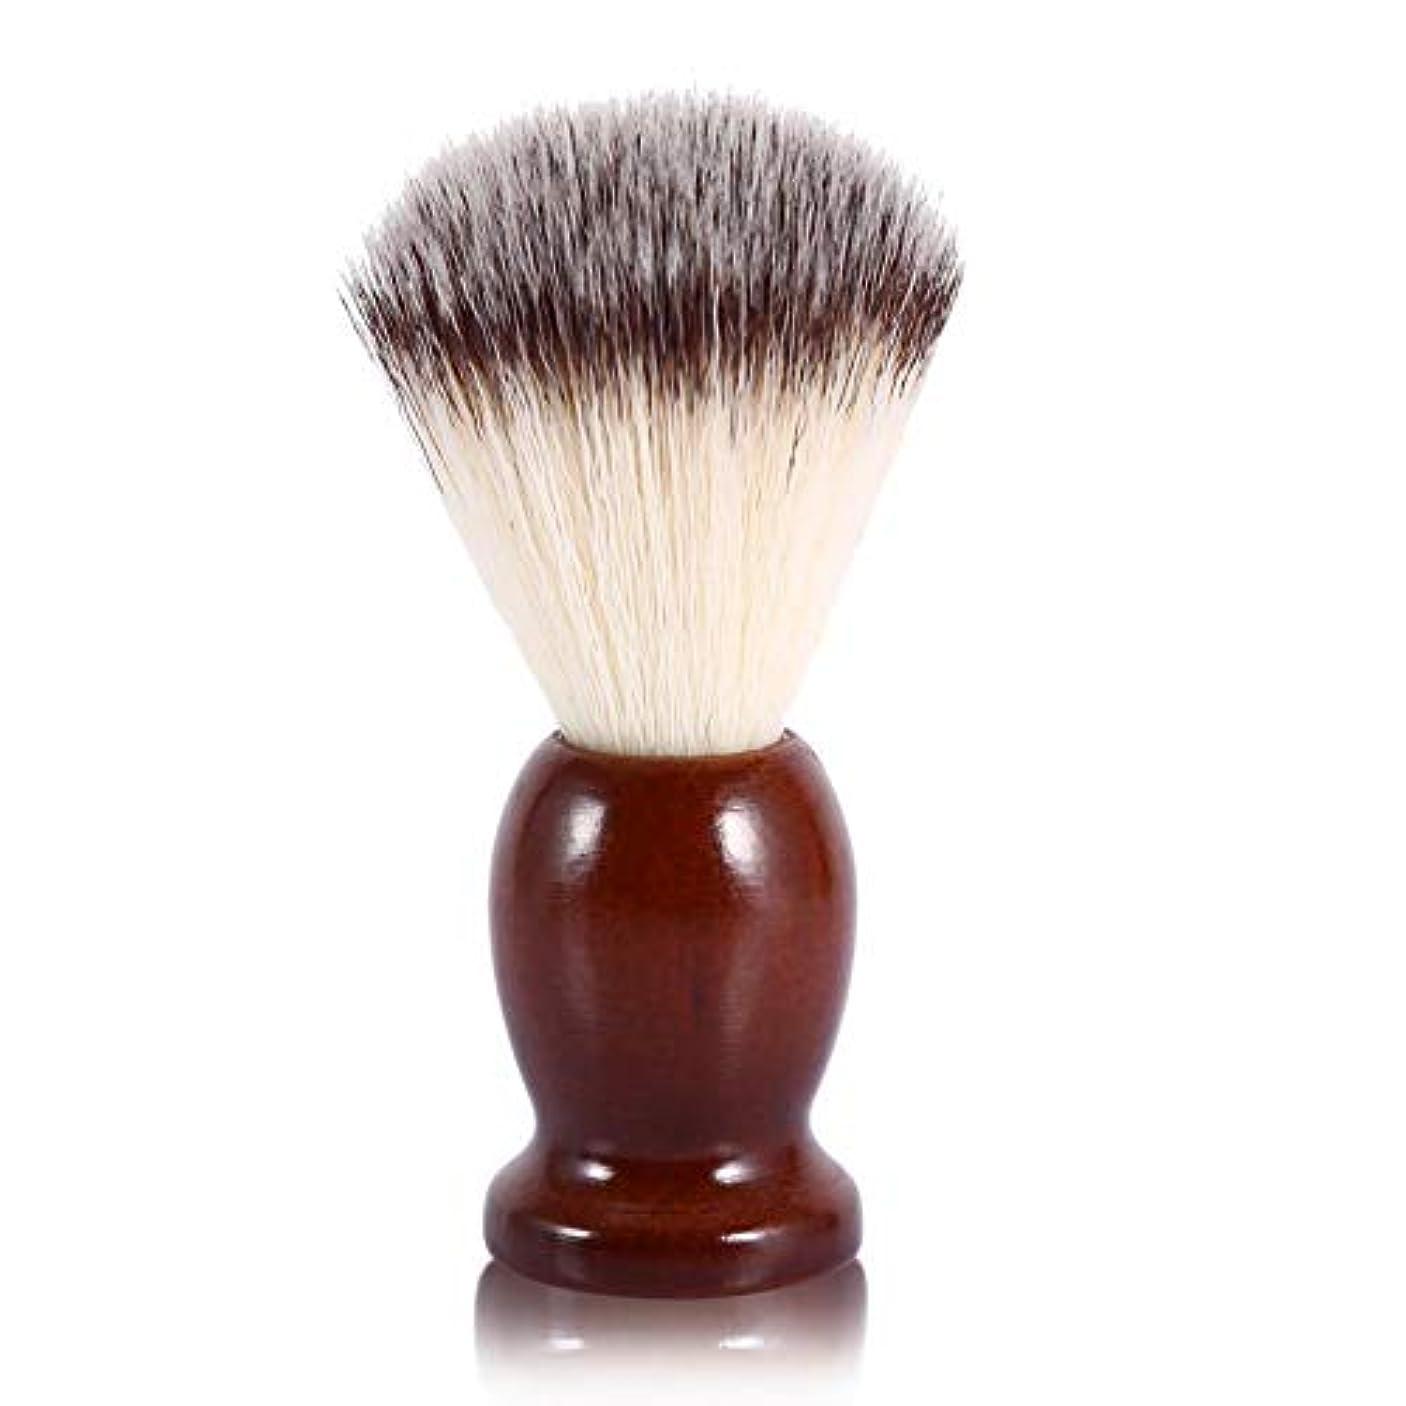 ポンプ独立地震Qinlorgo シェービングブラシ メンズ シェービングブラシ あごひげシェービングブラシ フェイシャルクリーニングブラシ バーバー サロンツール プロの理髪/サロン用 家庭用